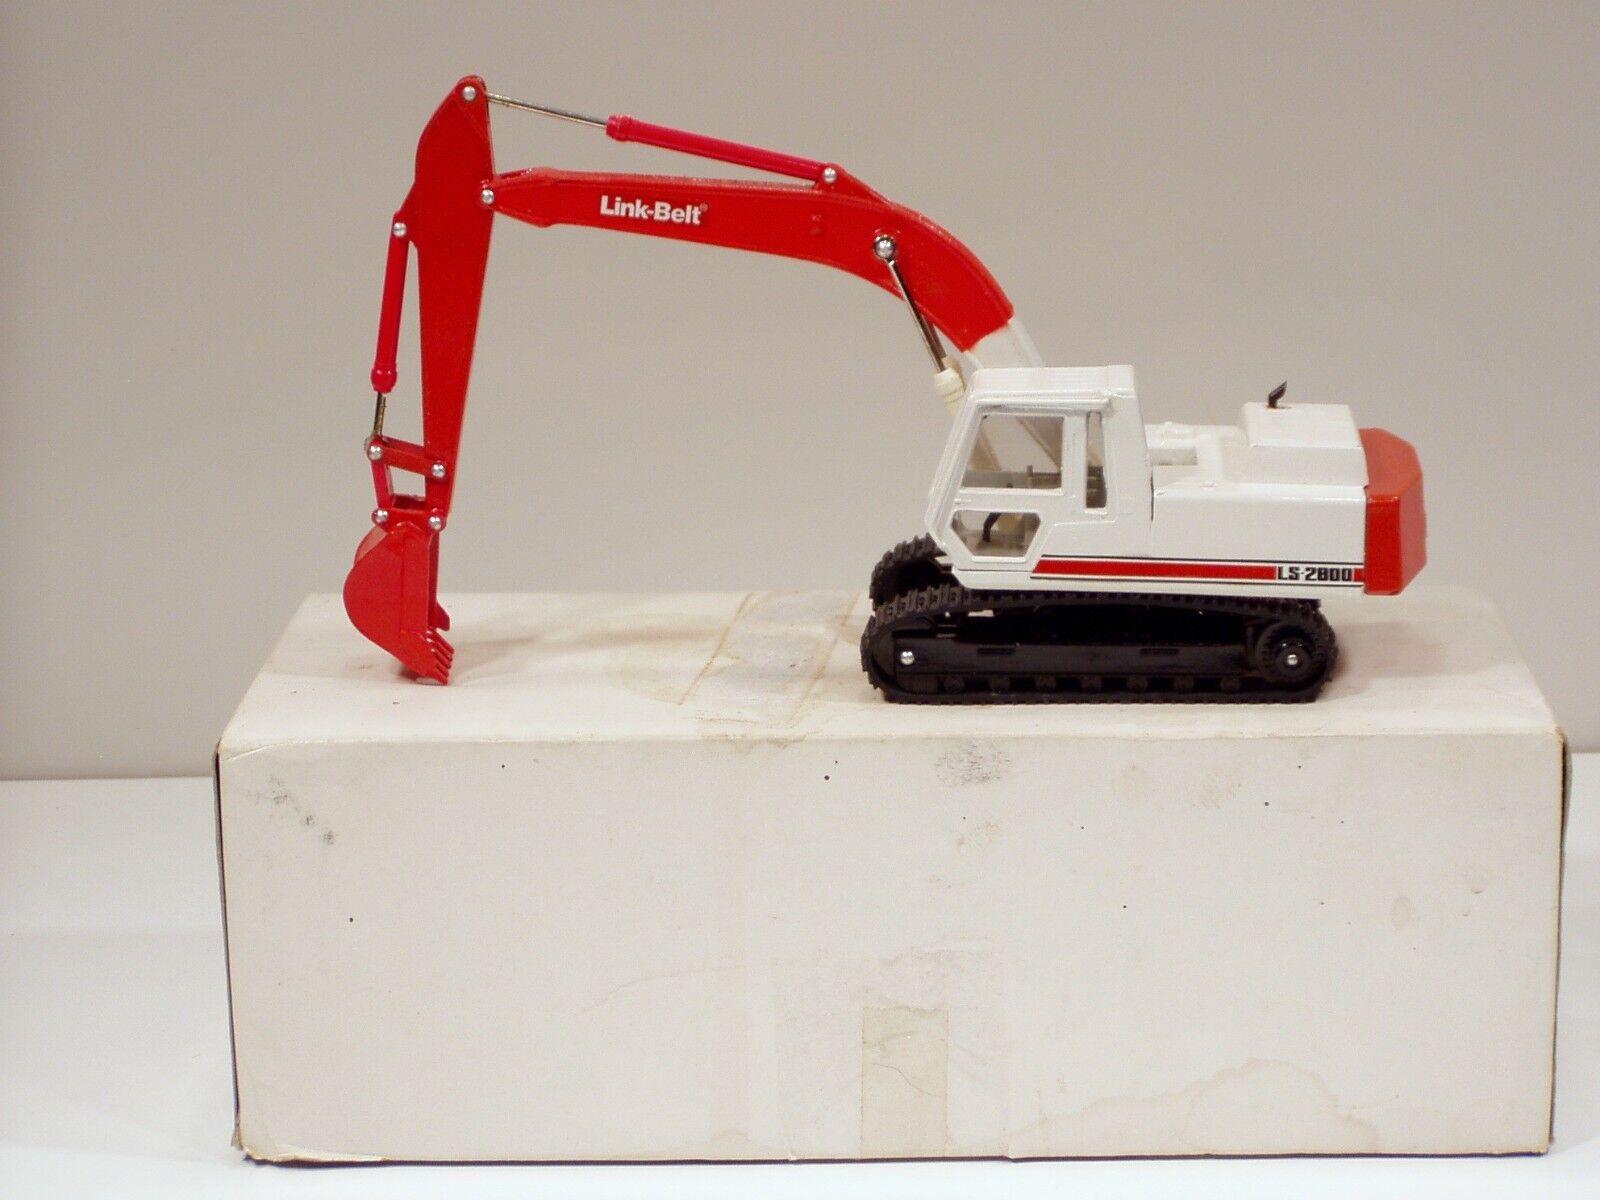 Lien Ceinture LS2800 Excavateur - 1 40 - Modélisation UI-En parfait état, dans sa boîte